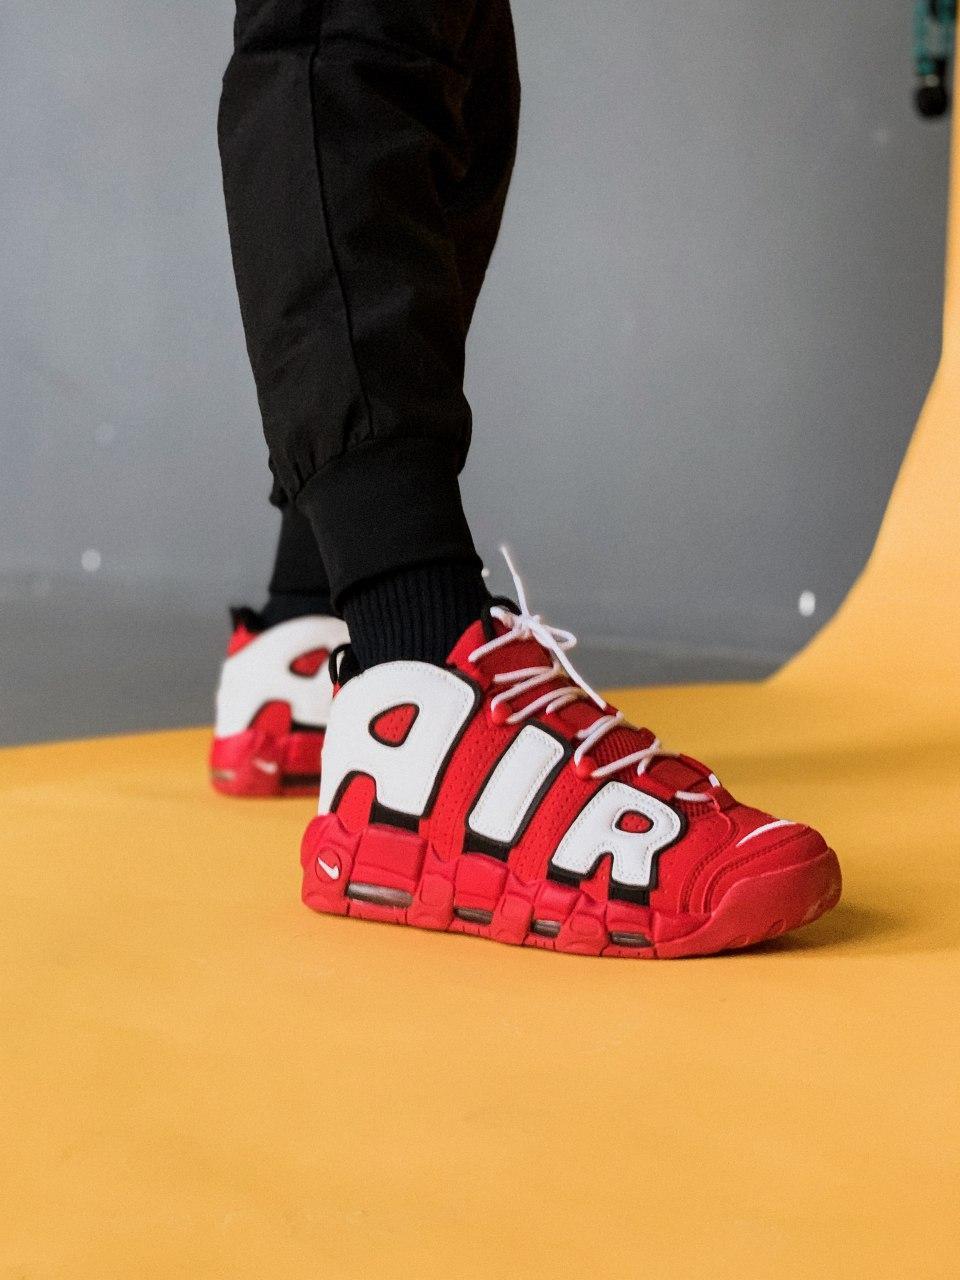 Мужские кроссовки в стиле Nike Air More Uptempo (red/white), Реплика ААА